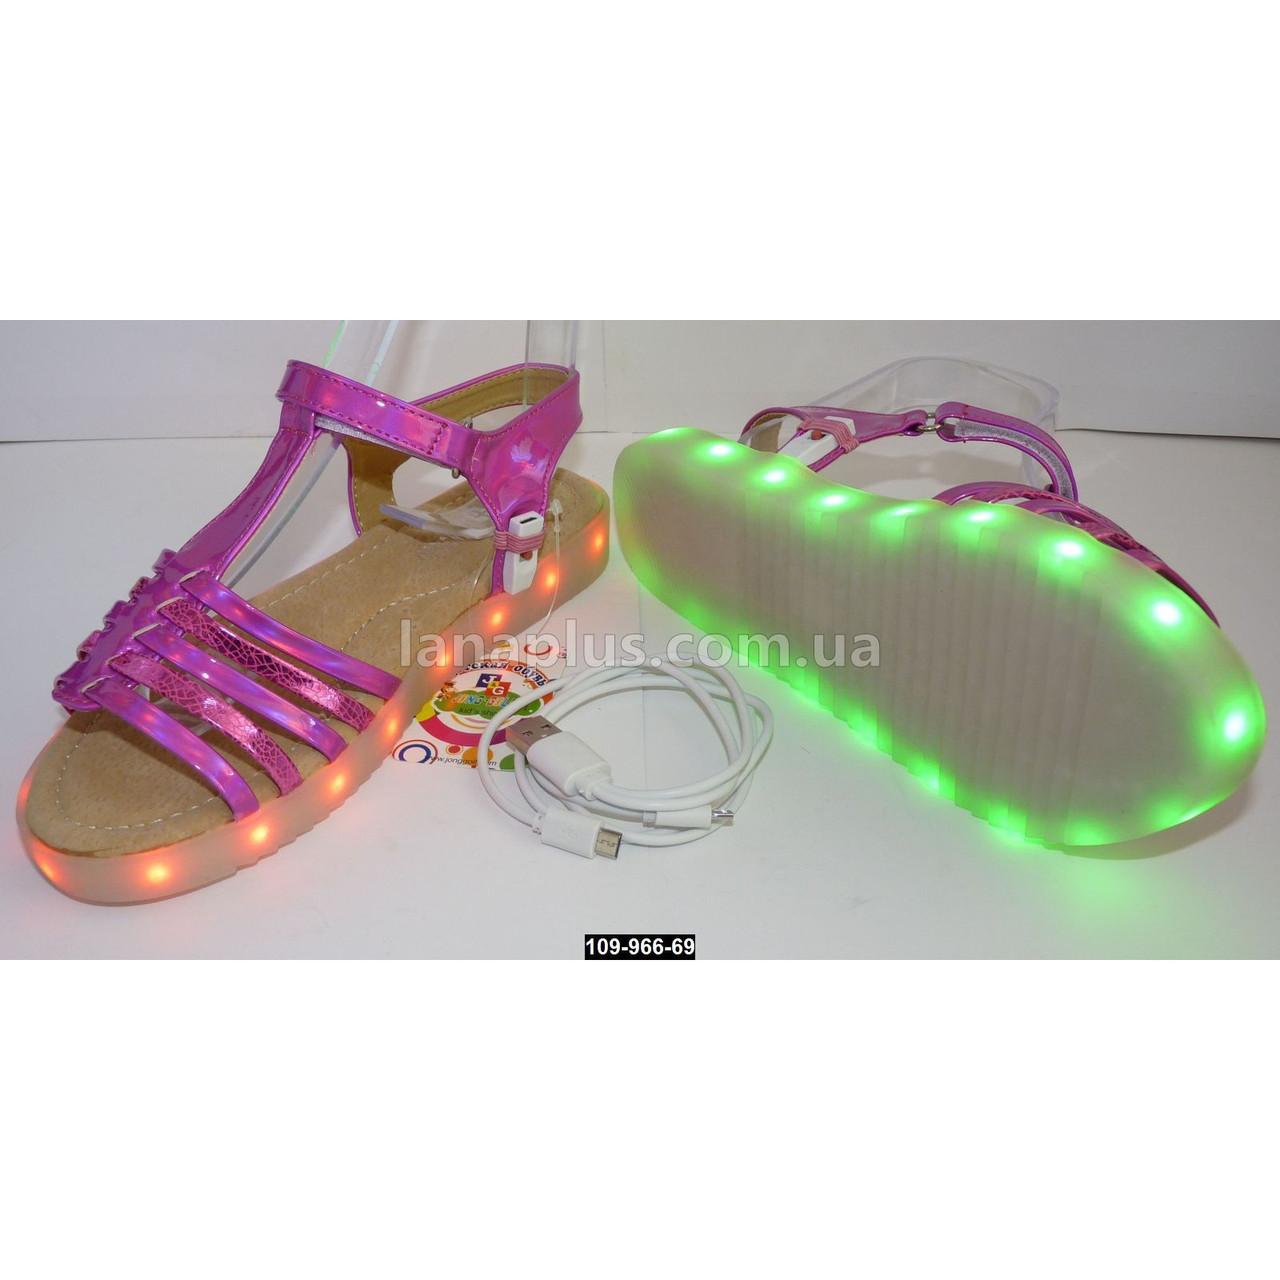 Светящиеся босоножки для девочки, 31 размер (19.4 см), 11 режимов LED подсветки, подзарядка, USB